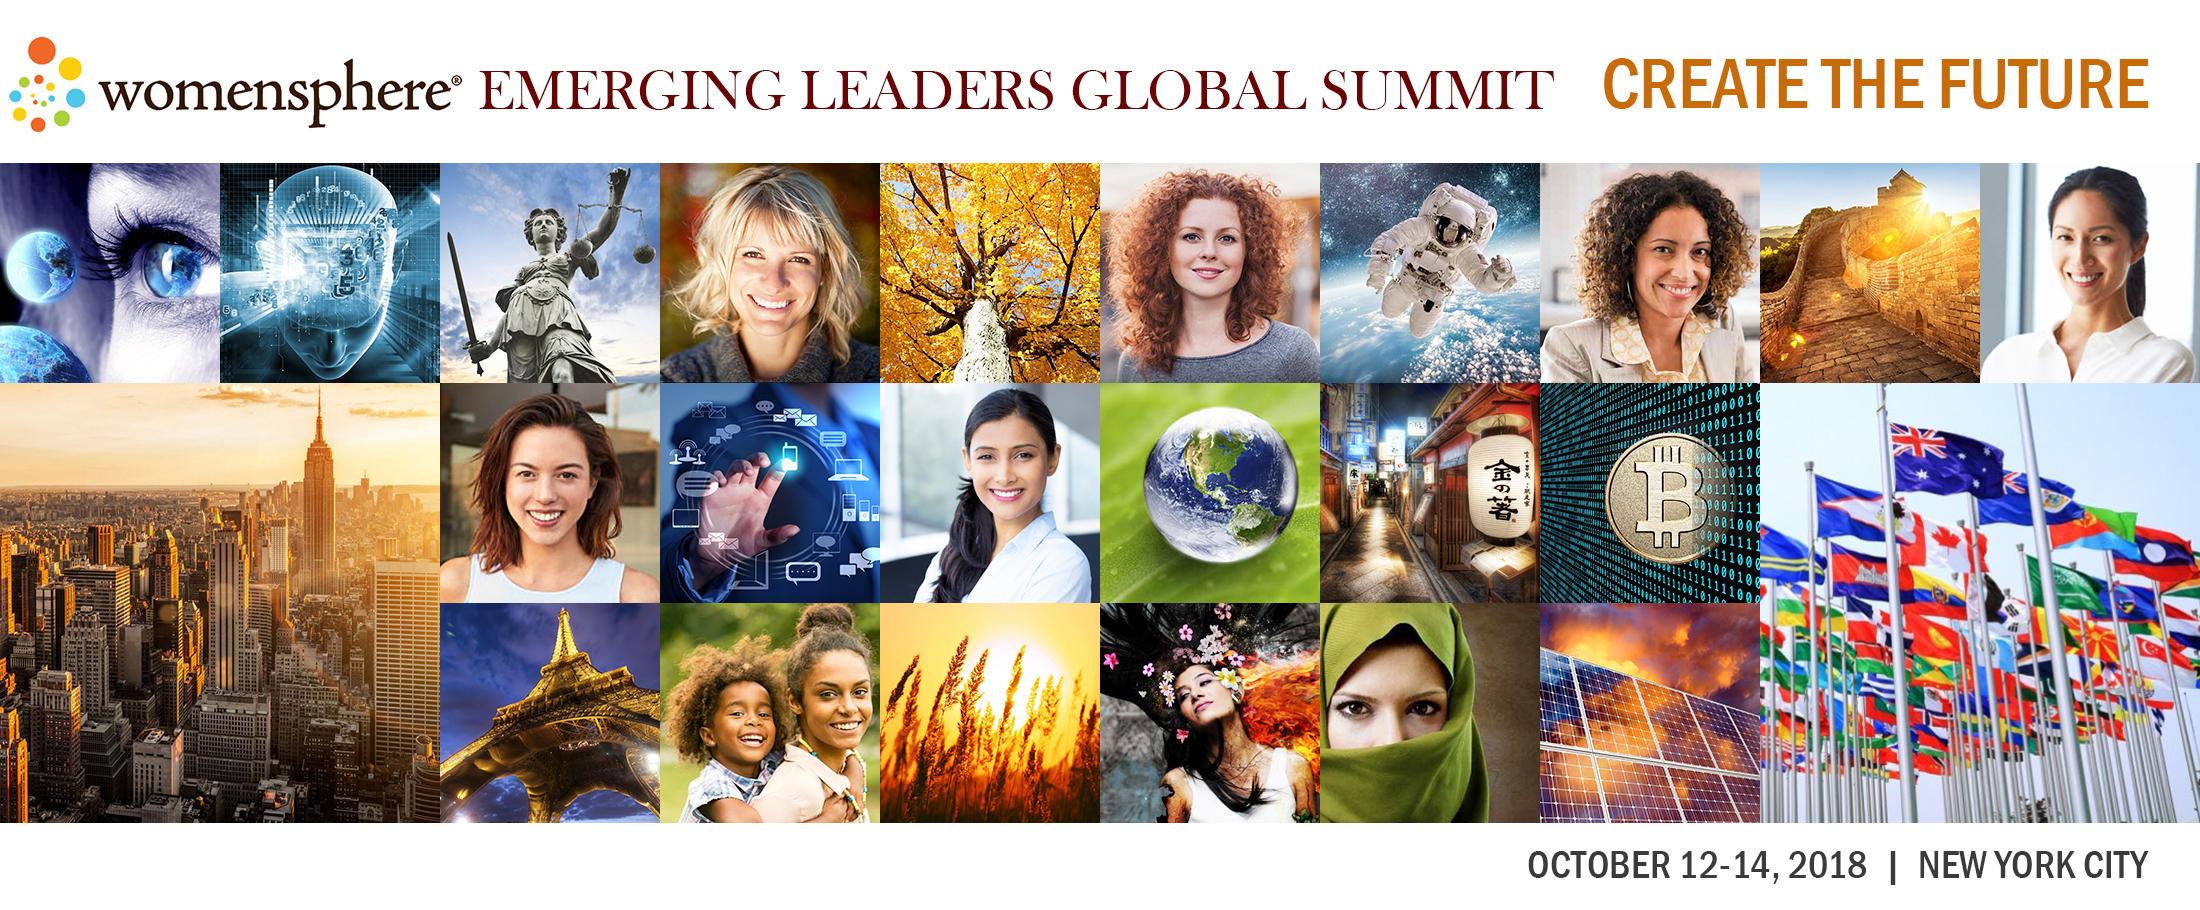 Womensphere Emerging Leaders GLOBAL Summit 2018.jpg